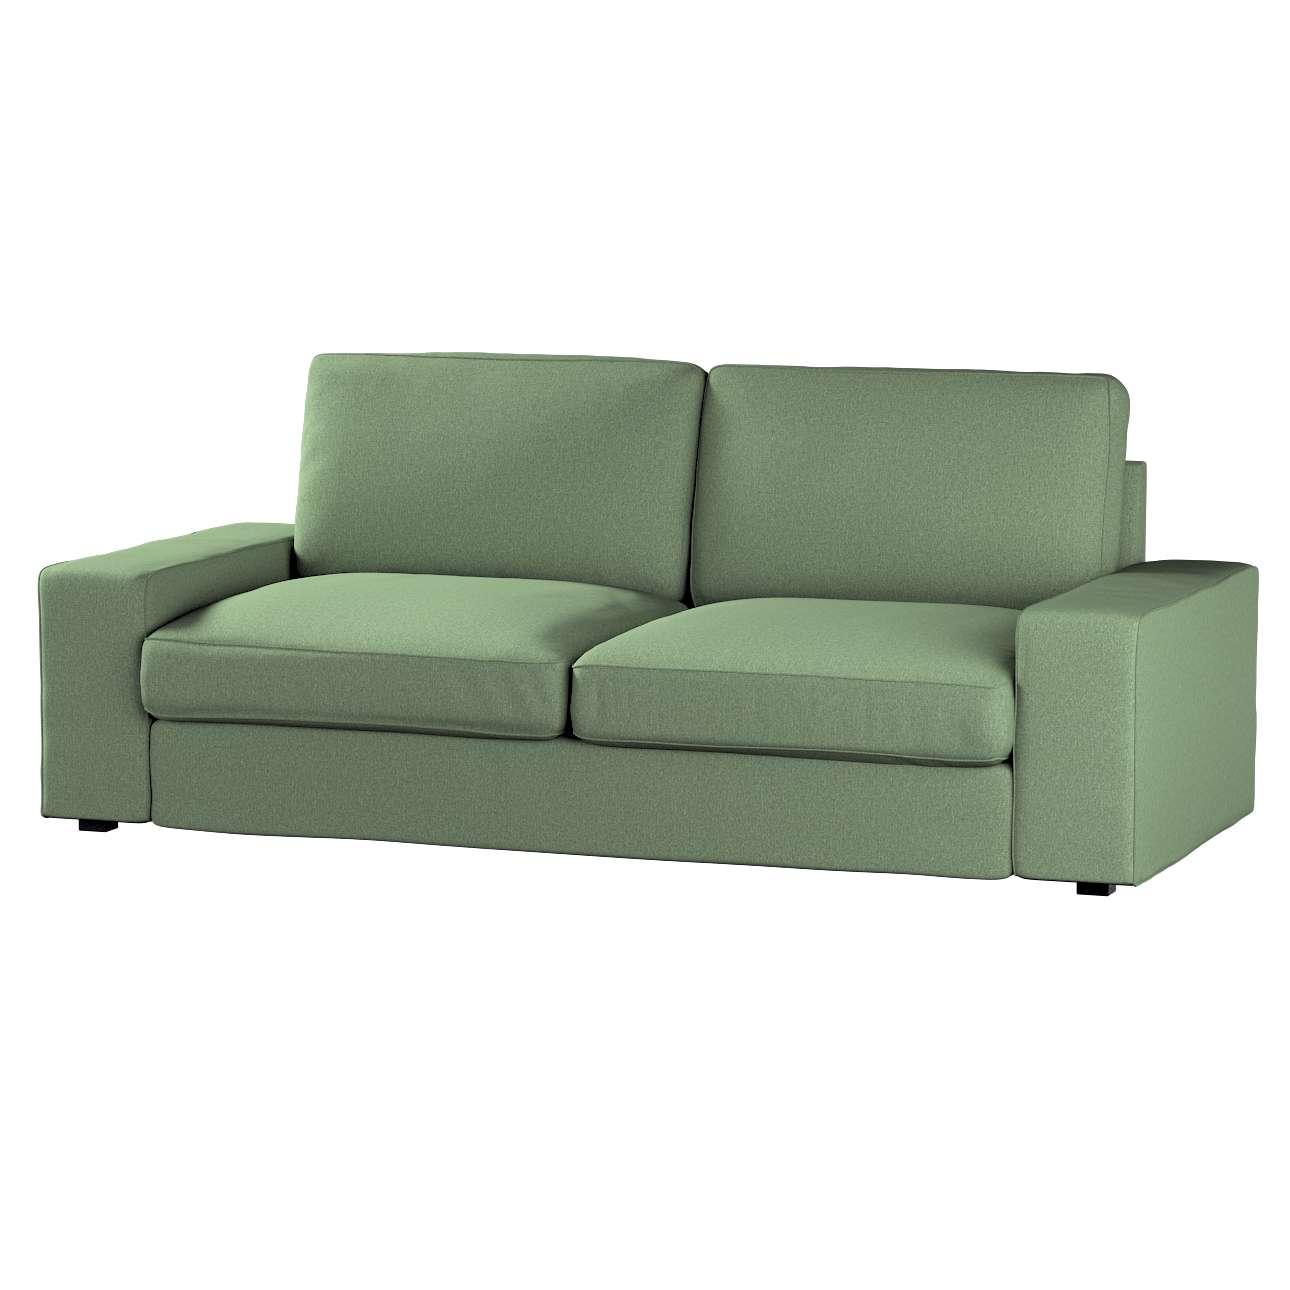 Pokrowiec na sofę Kivik 3-osobową, rozkładaną w kolekcji Amsterdam, tkanina: 704-44